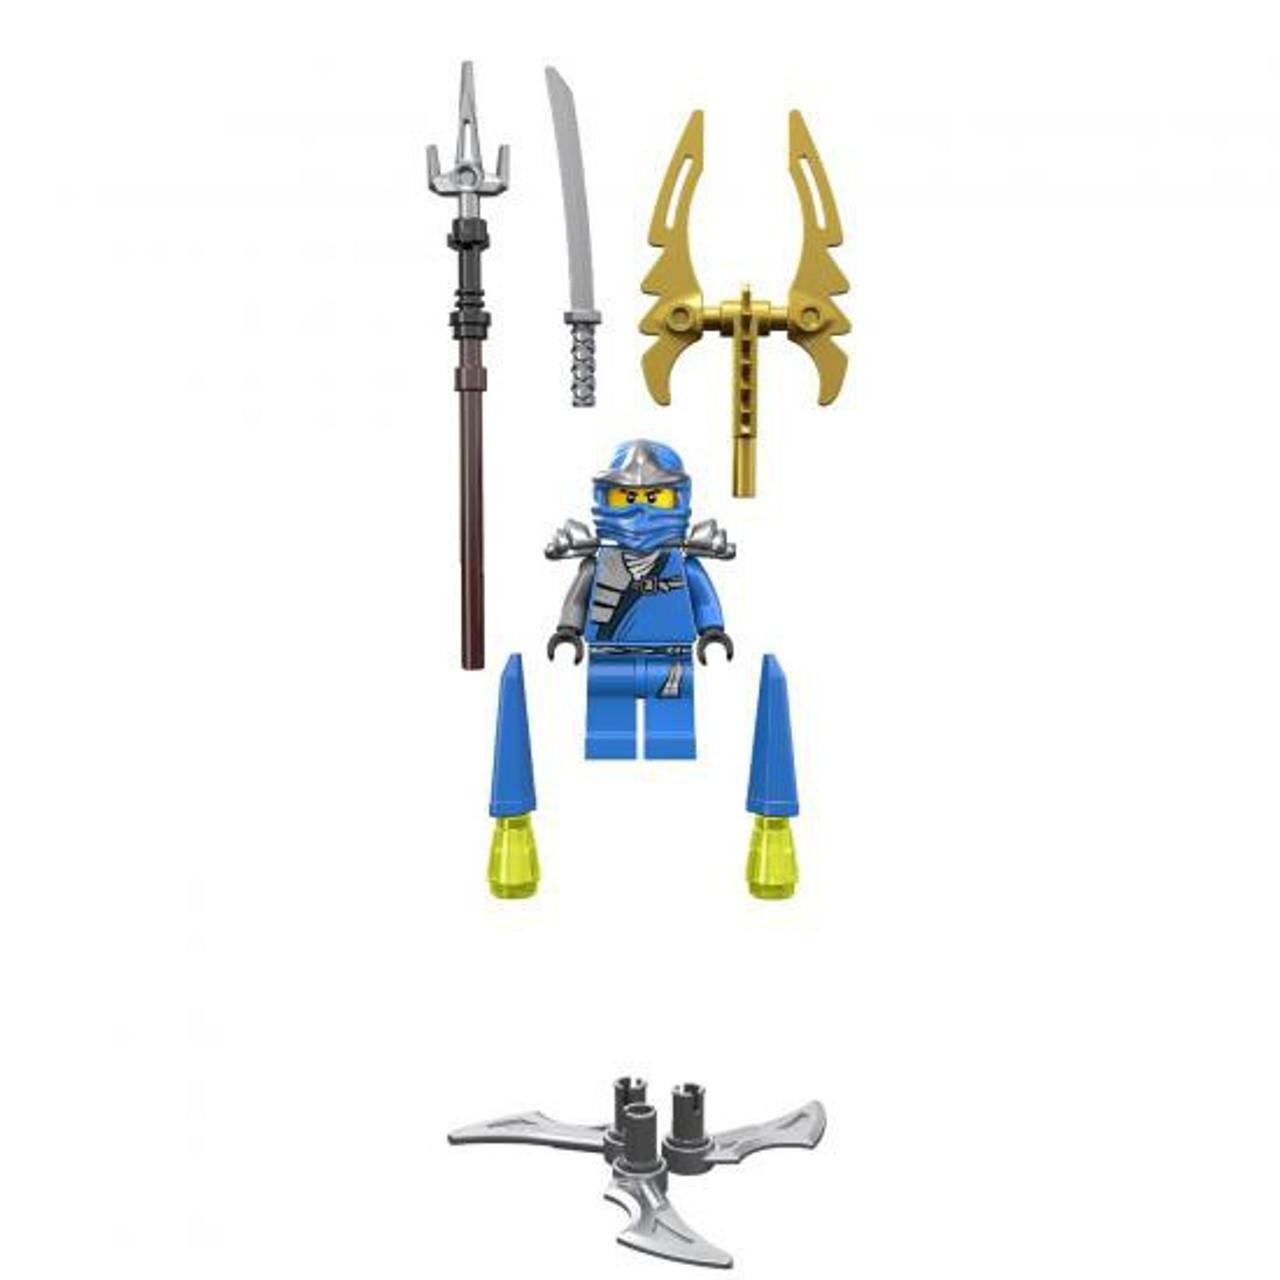 LEGO Ninjago Jay ZX Mini Set 9553 Bagged - ToyWiz